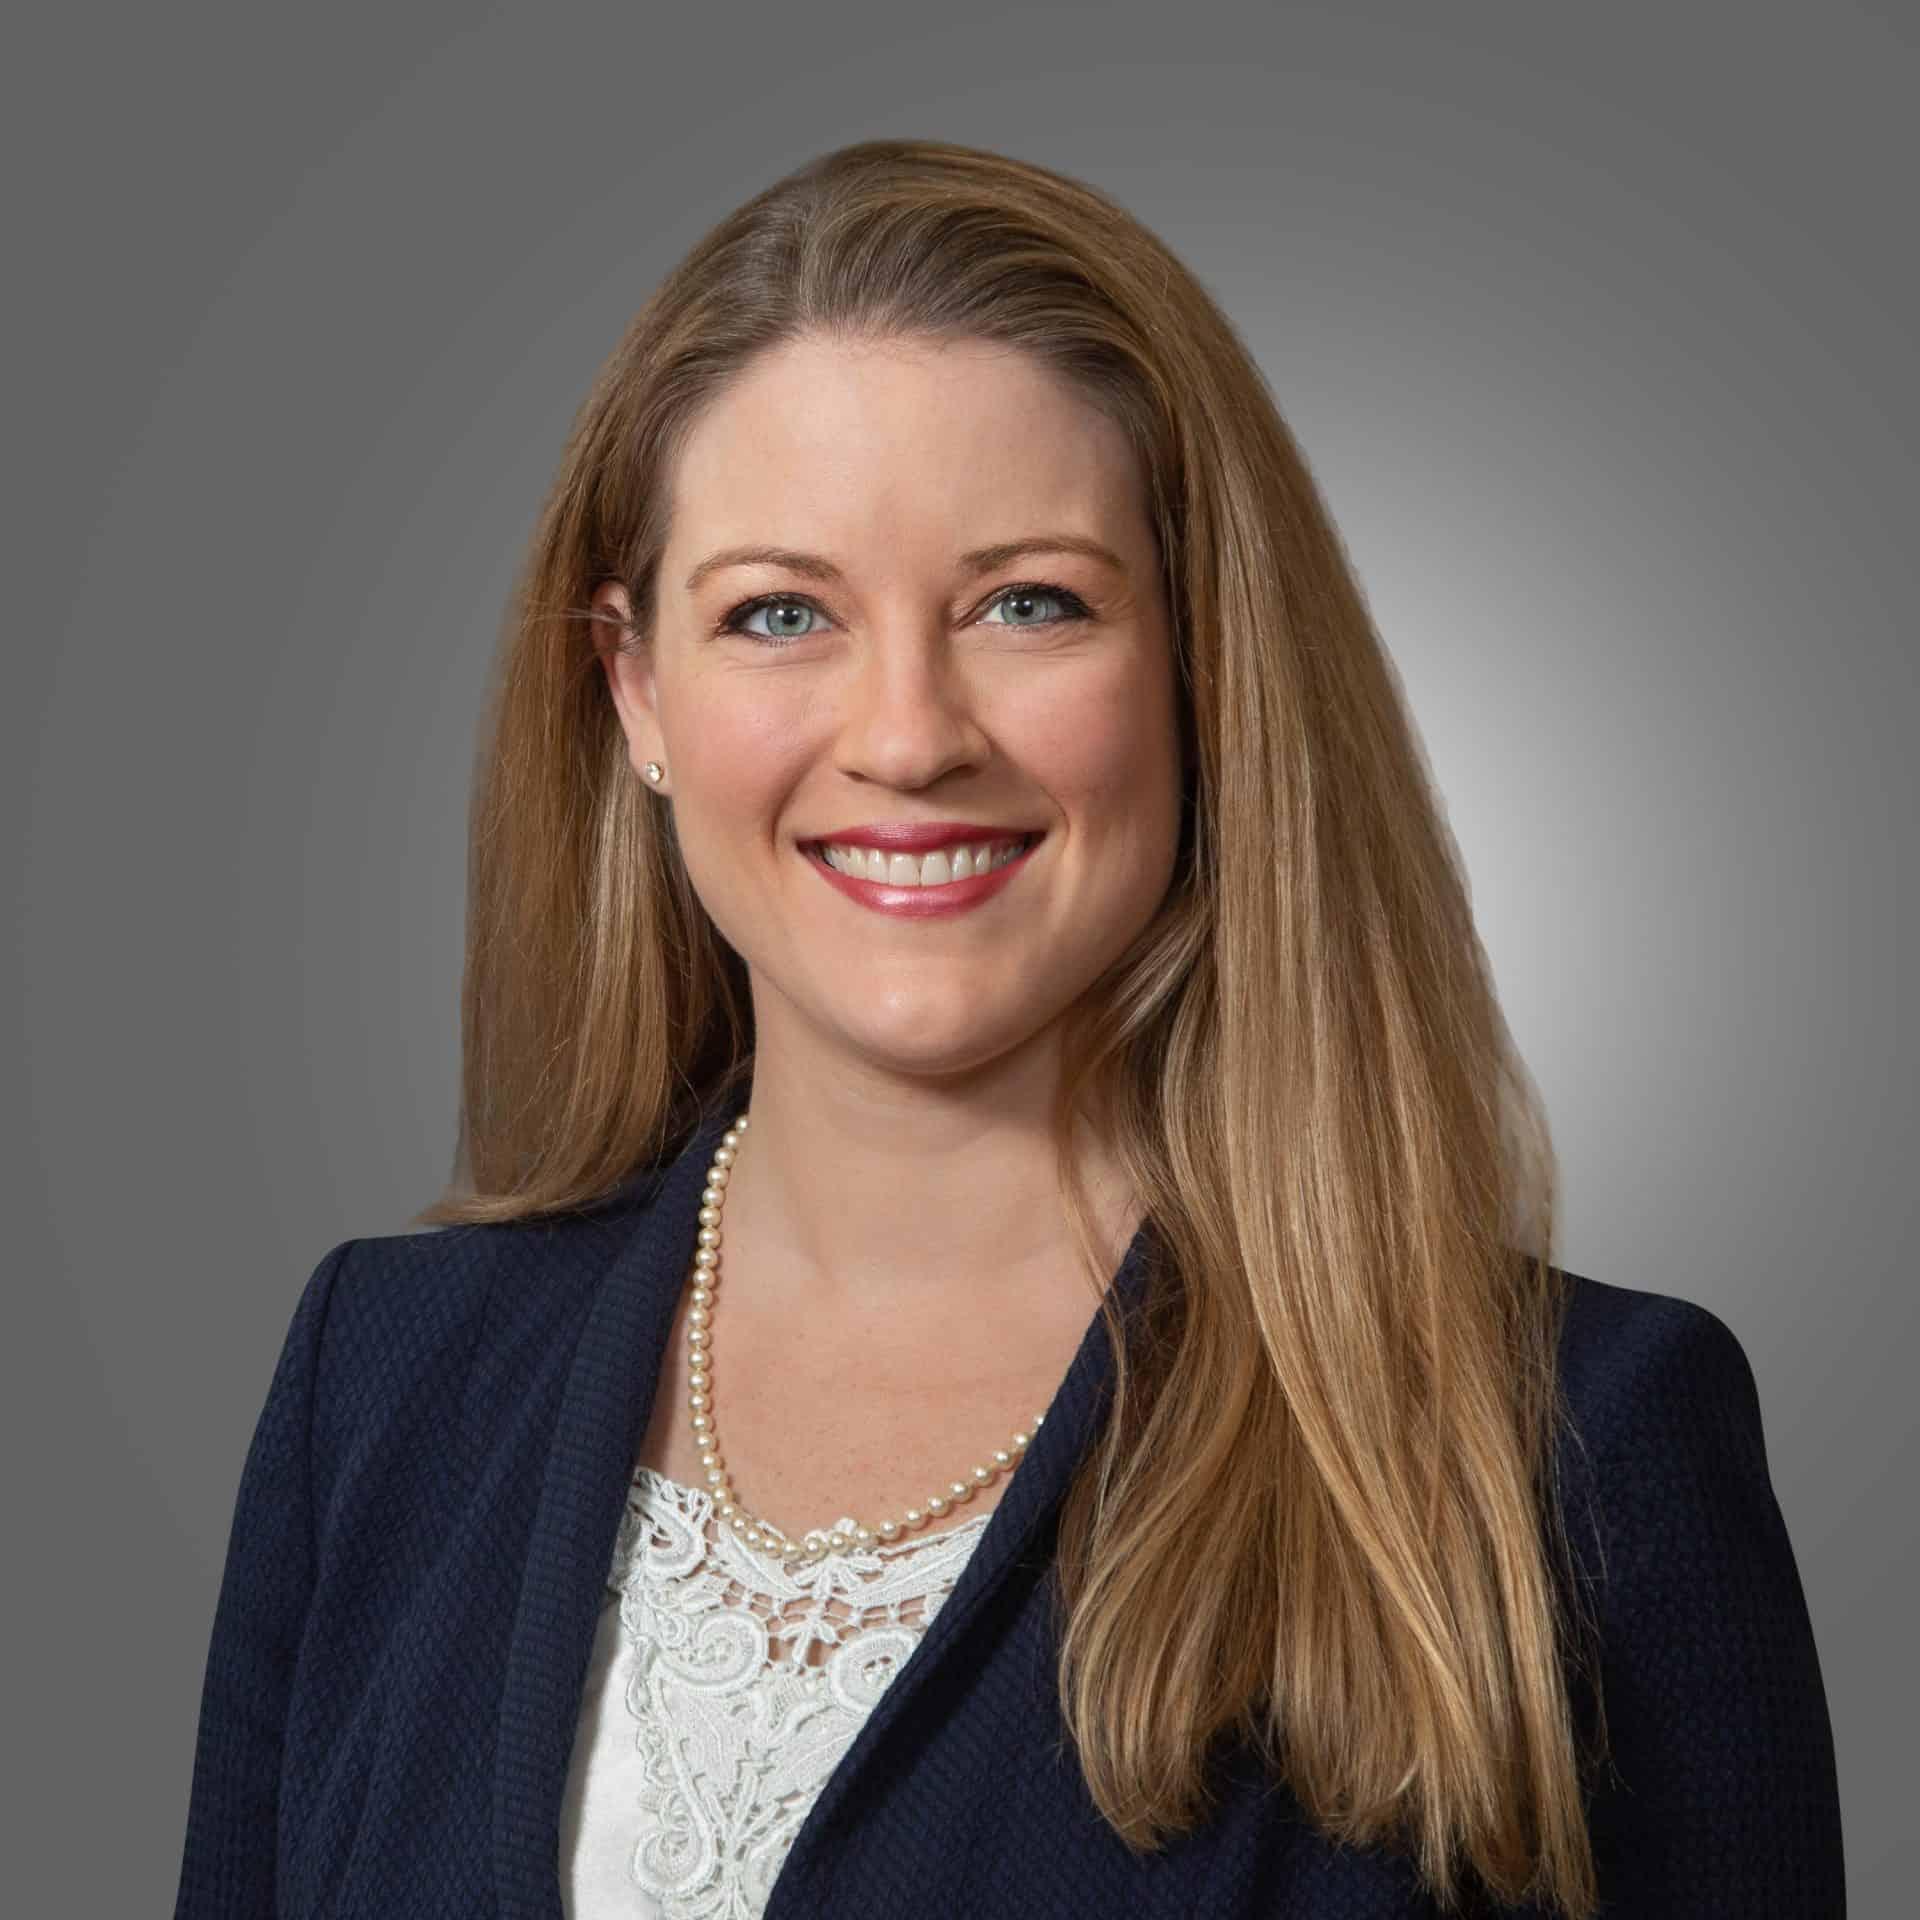 Jillian T. Spangler